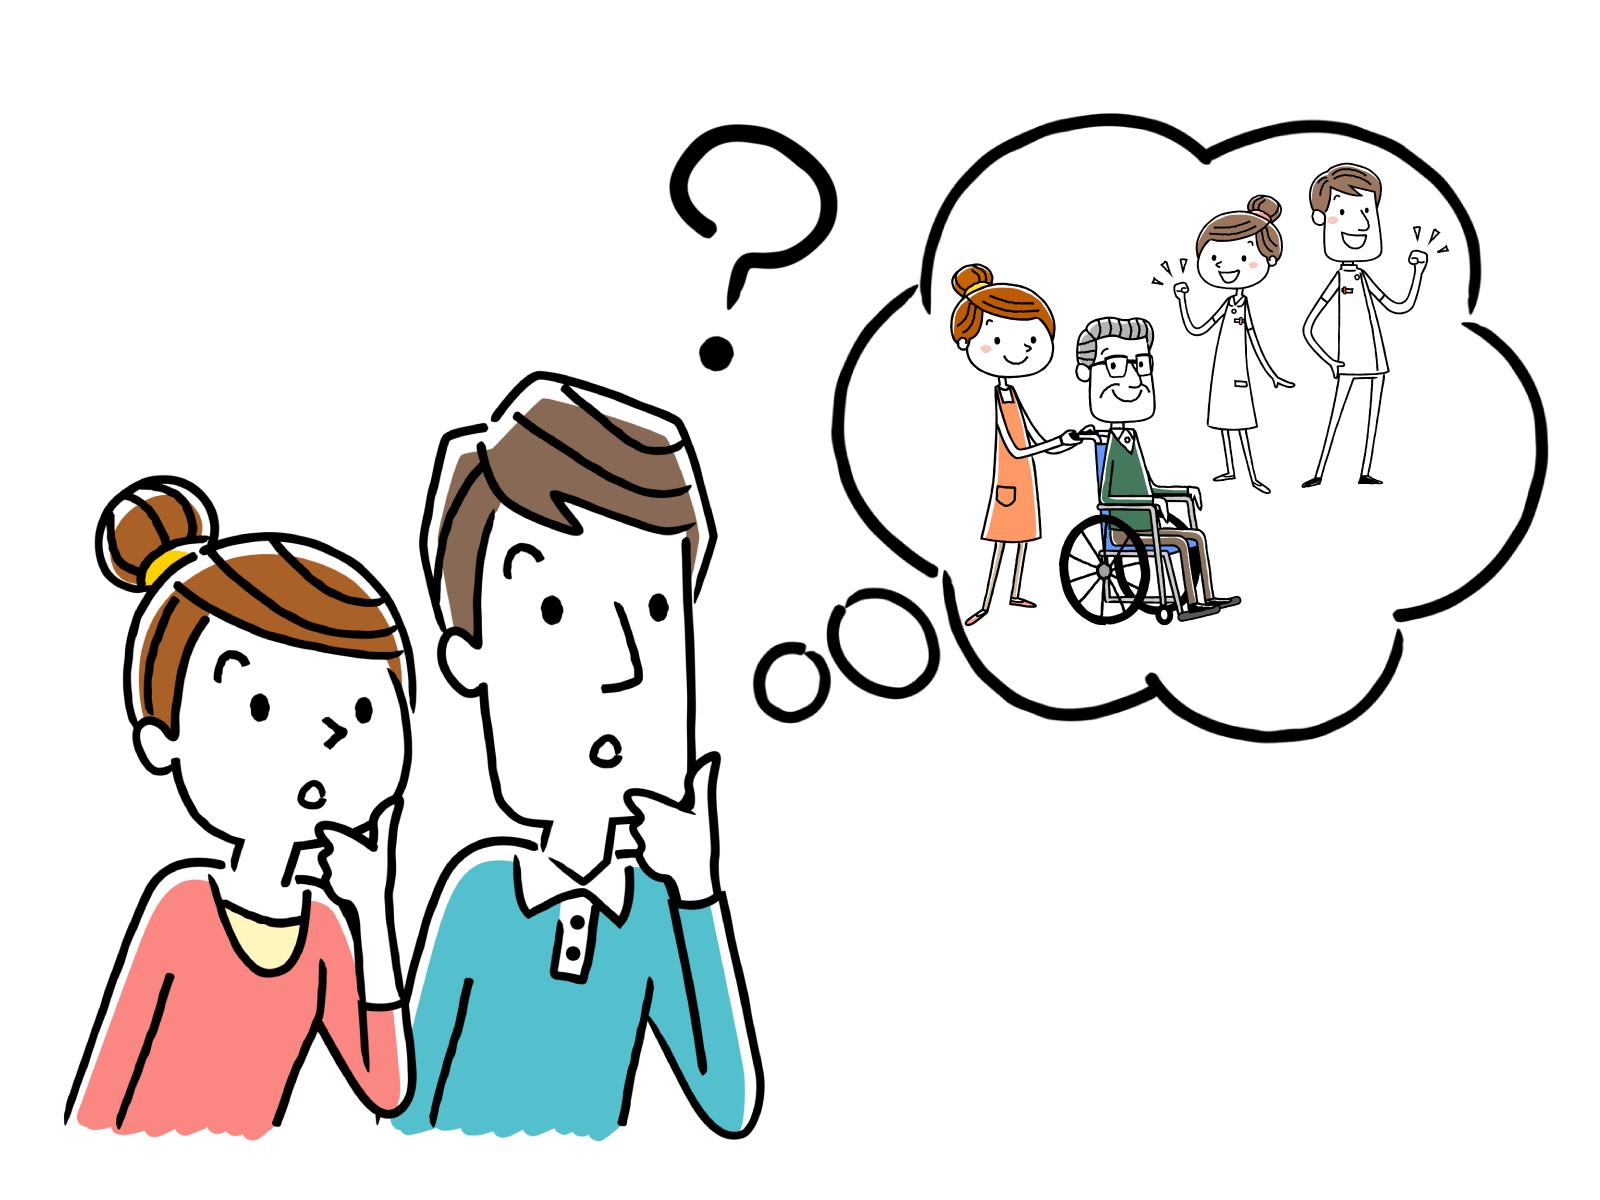 無資格でも介護の仕事はできるイメージイラスト